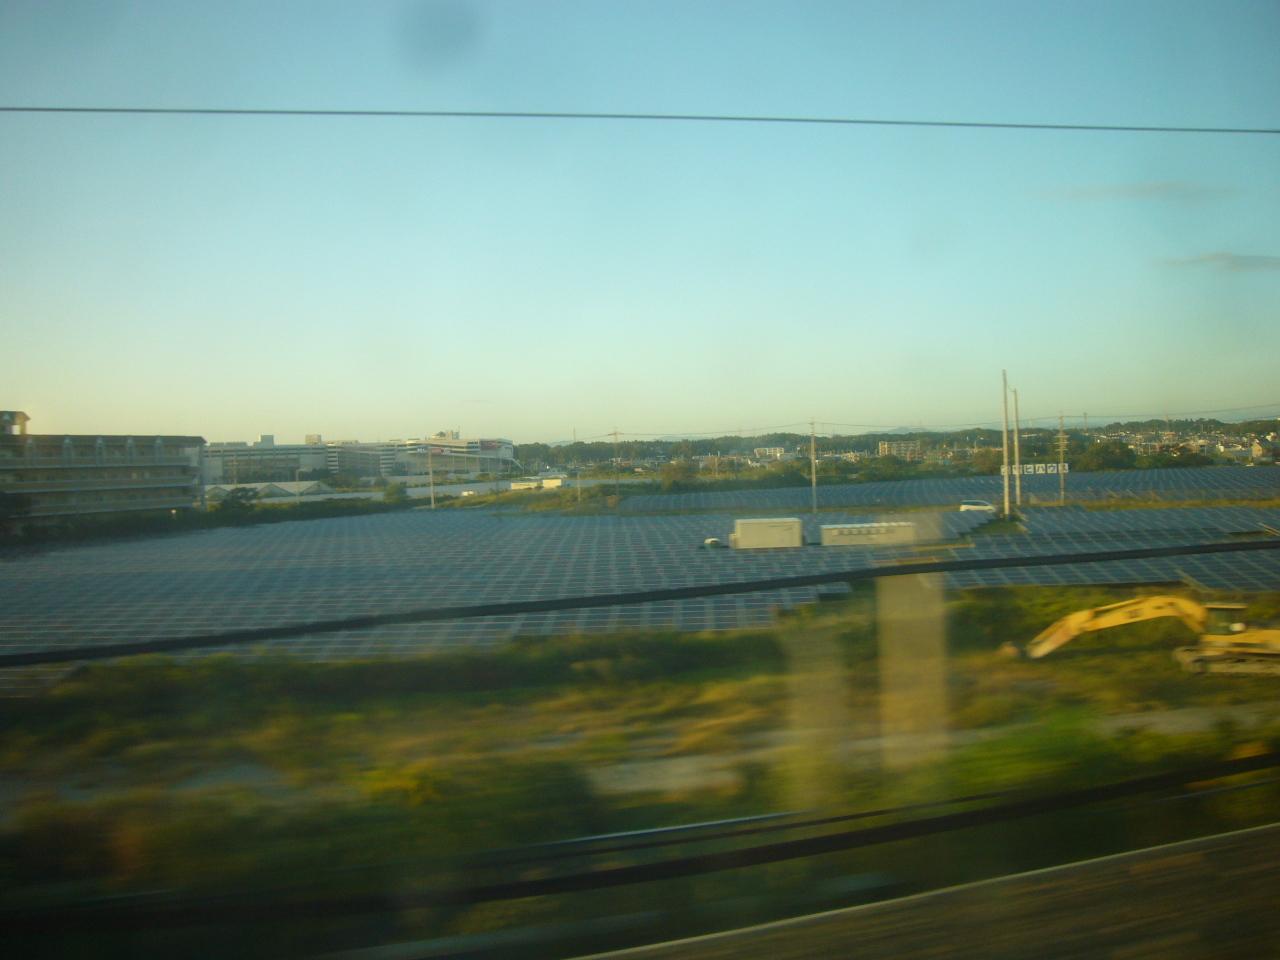 ソーラーパネルの大草原 R1.10.10